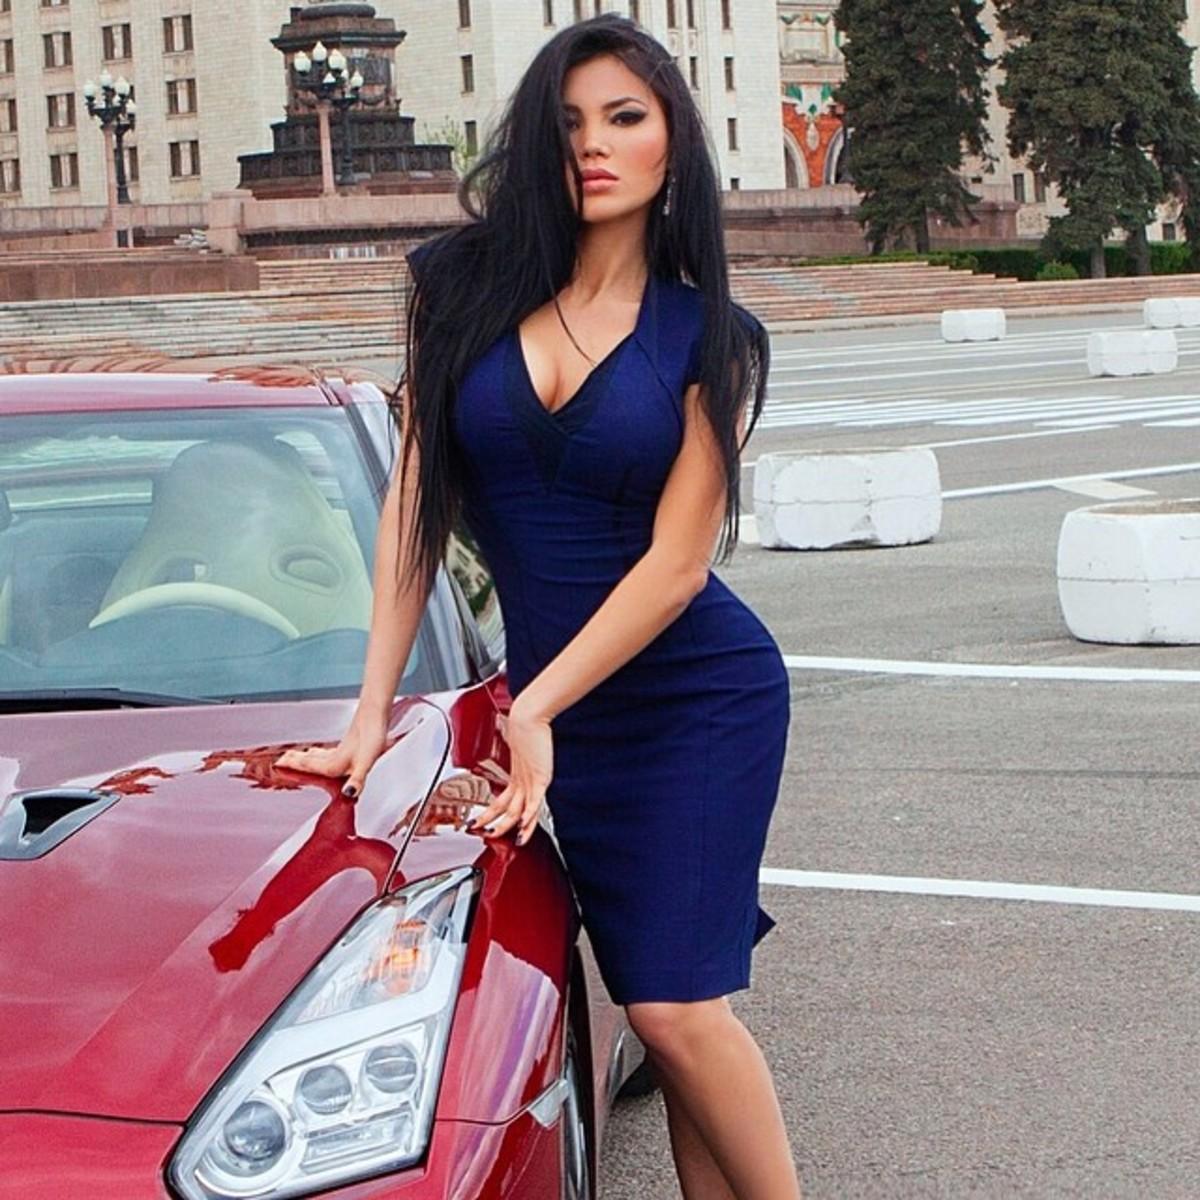 образ богатые москвички фото детей одной